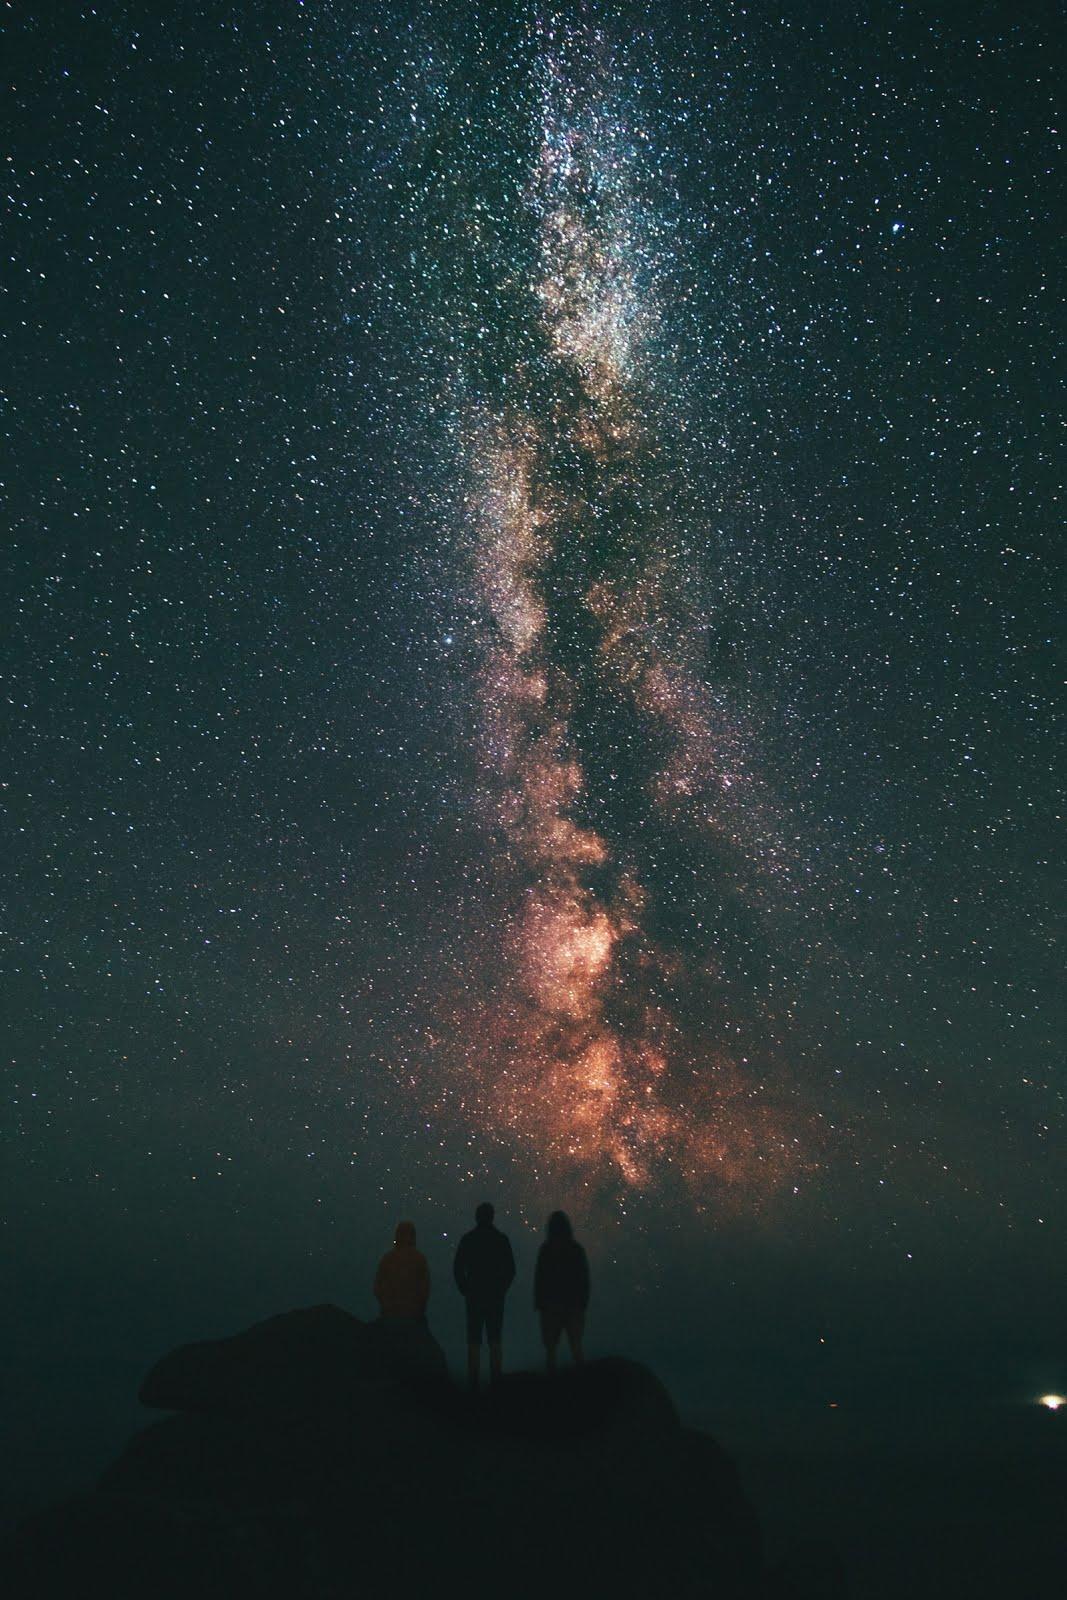 خلفية مشاهدة السماء مع الاصدقاء - خلفيات ايفون فضاء